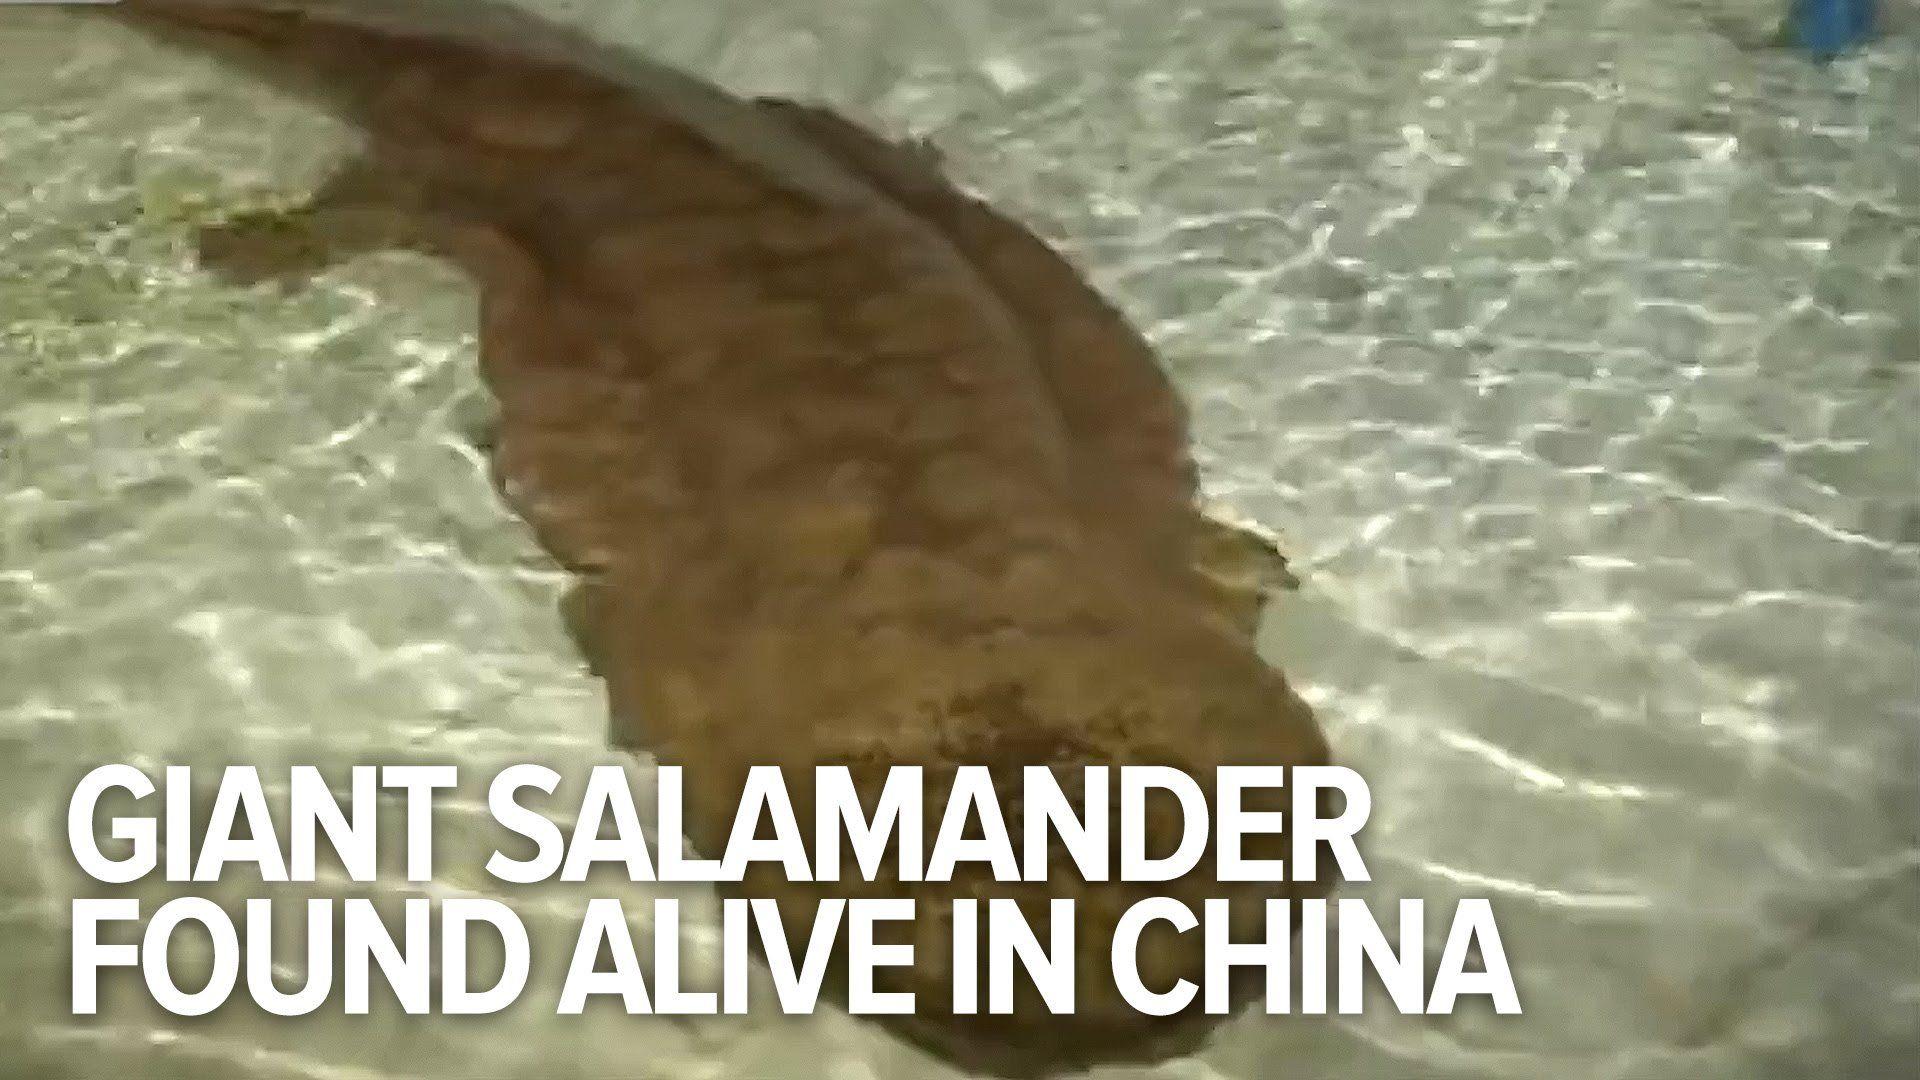 In China hat ein Fischer in irgendeiner Höhle einen 200 Jahre alten riesigen Riesensalamander gefunden. Blöderweise haben sie das Tier jetzt aus seiner Höhle geholt und zu Forschungszwecken in ein Planschbecken gepackt Endemic to China, the Chinese giant salamander (CGS hereafter) is the largest extant amphibian in the world. Part of the ancient Cryptobranchidae age [ ]